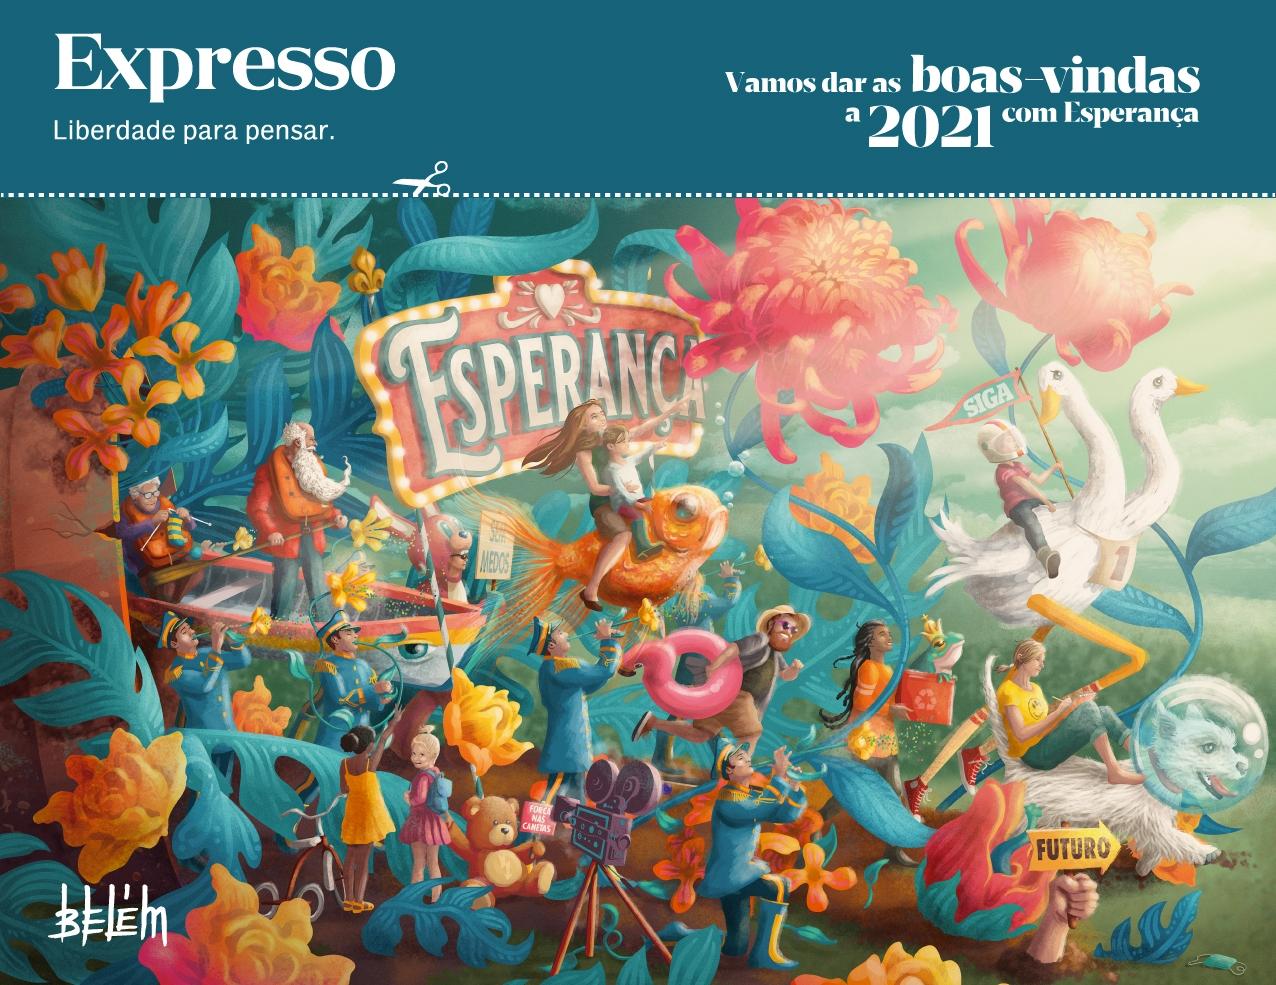 Saco_Esperanca_Expresso 31 dez